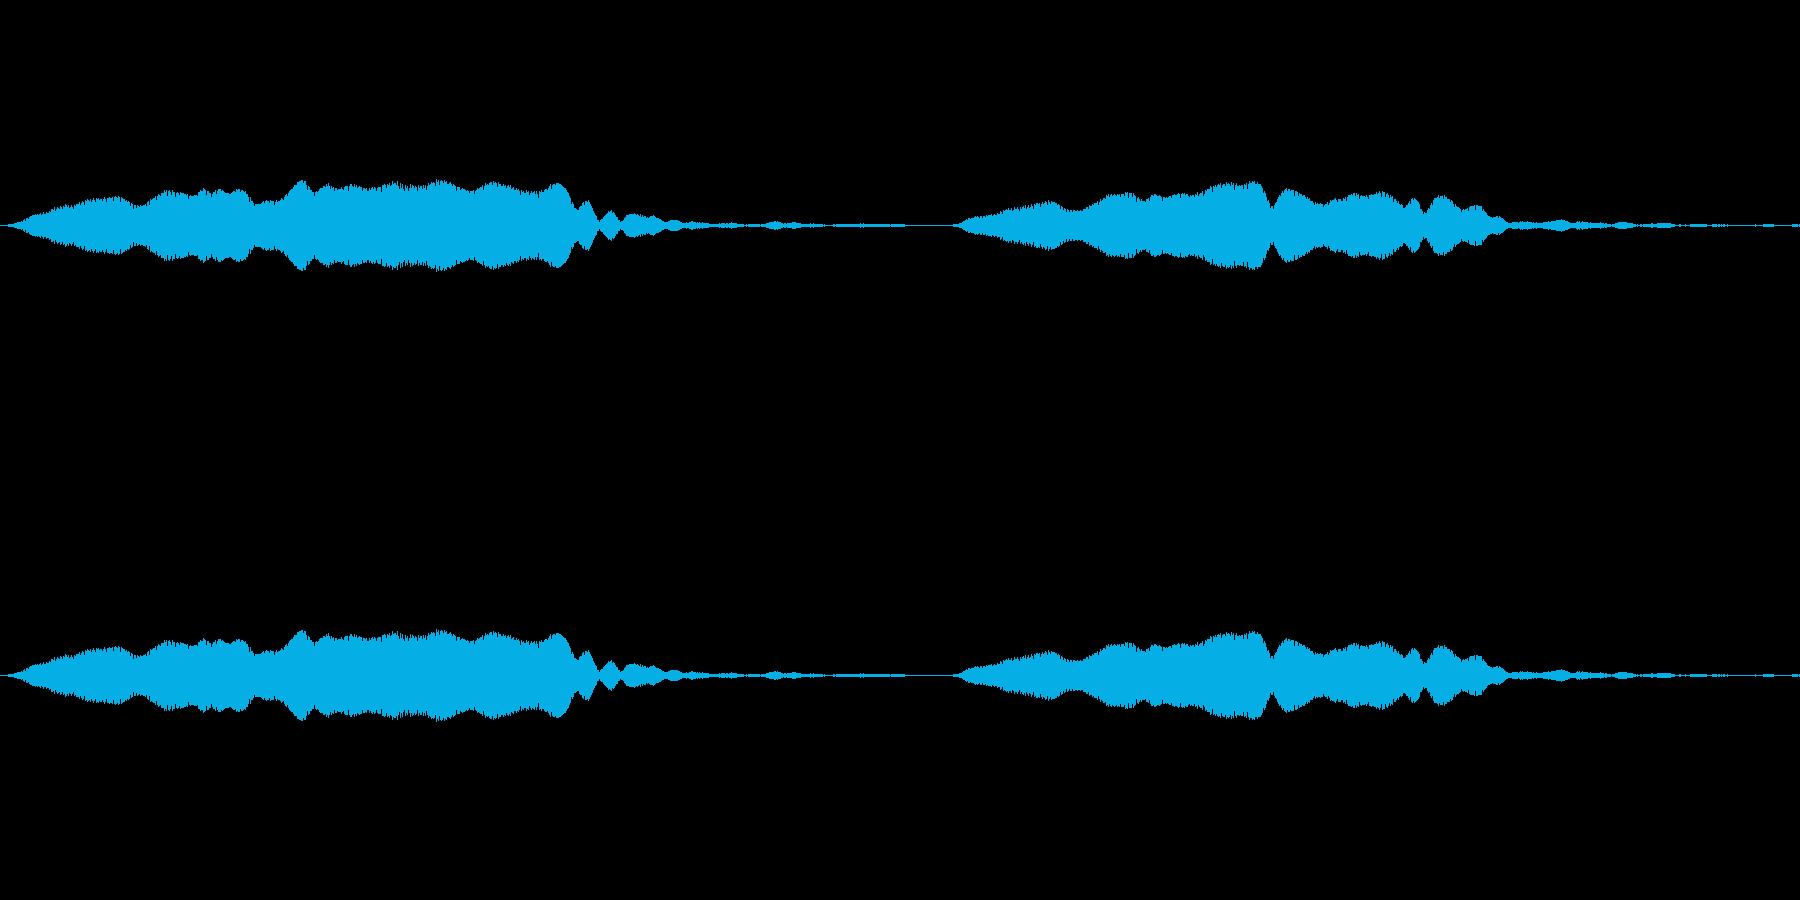 ピピッ(ホイッスルの音)の再生済みの波形